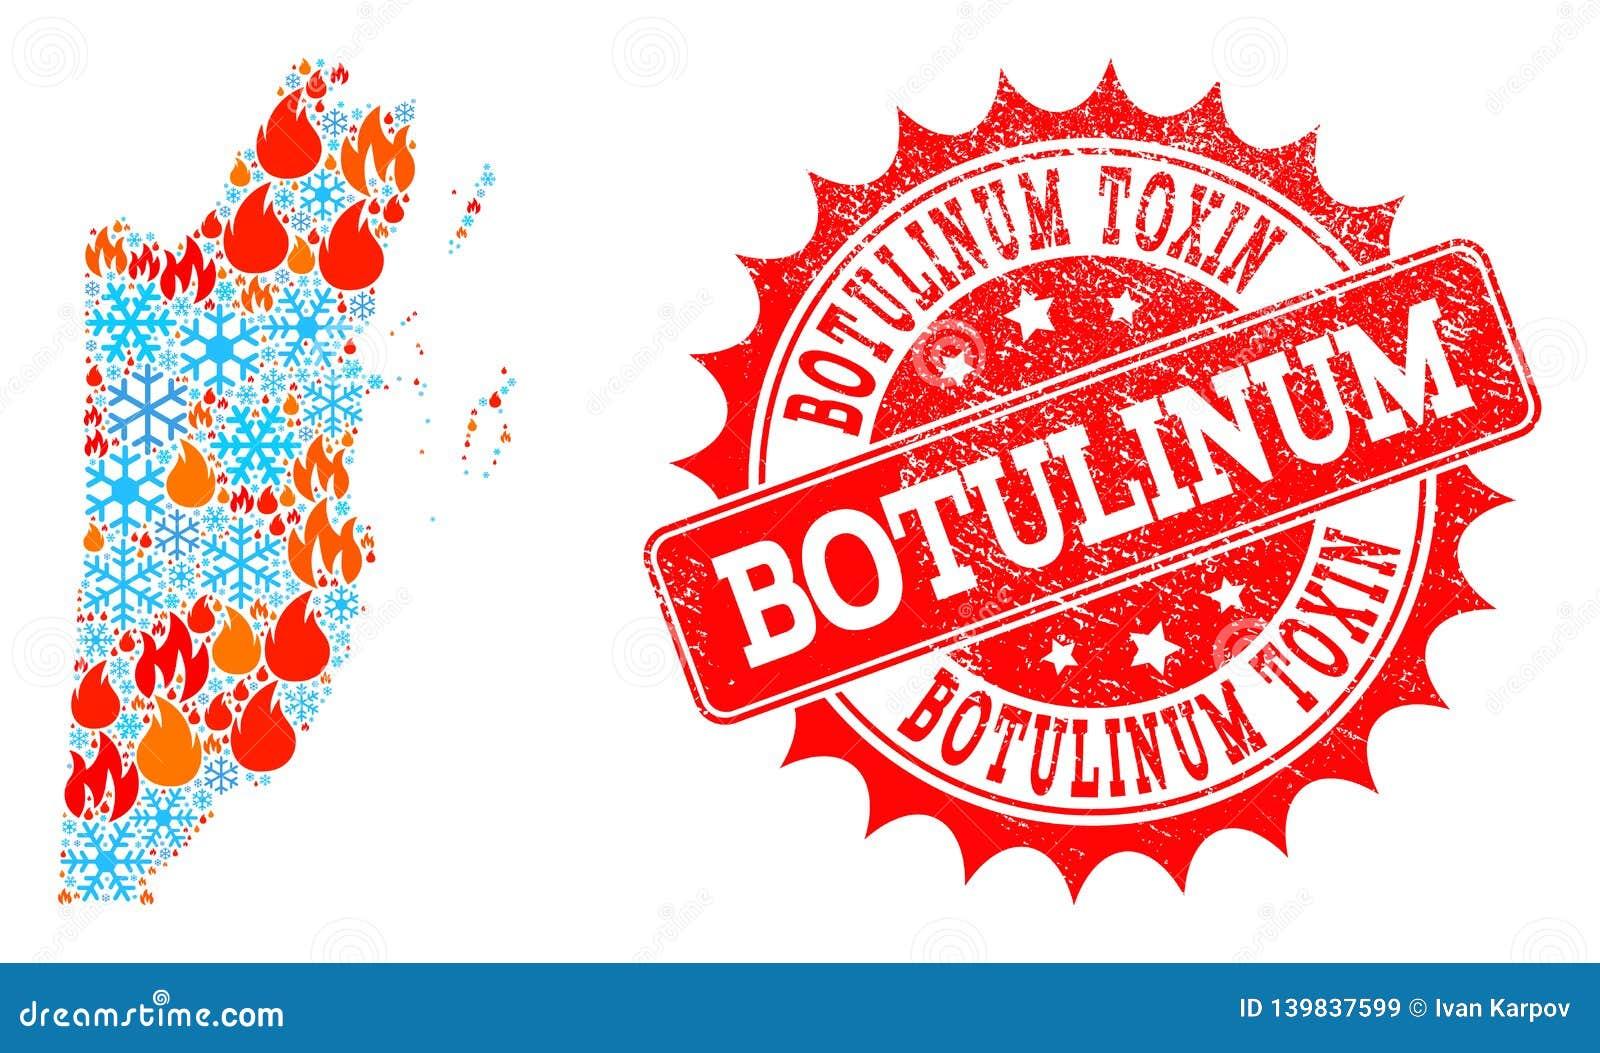 Mapa de mosaico de Belice del fuego y copos de nieve y sello texturizado toxina Botulinum